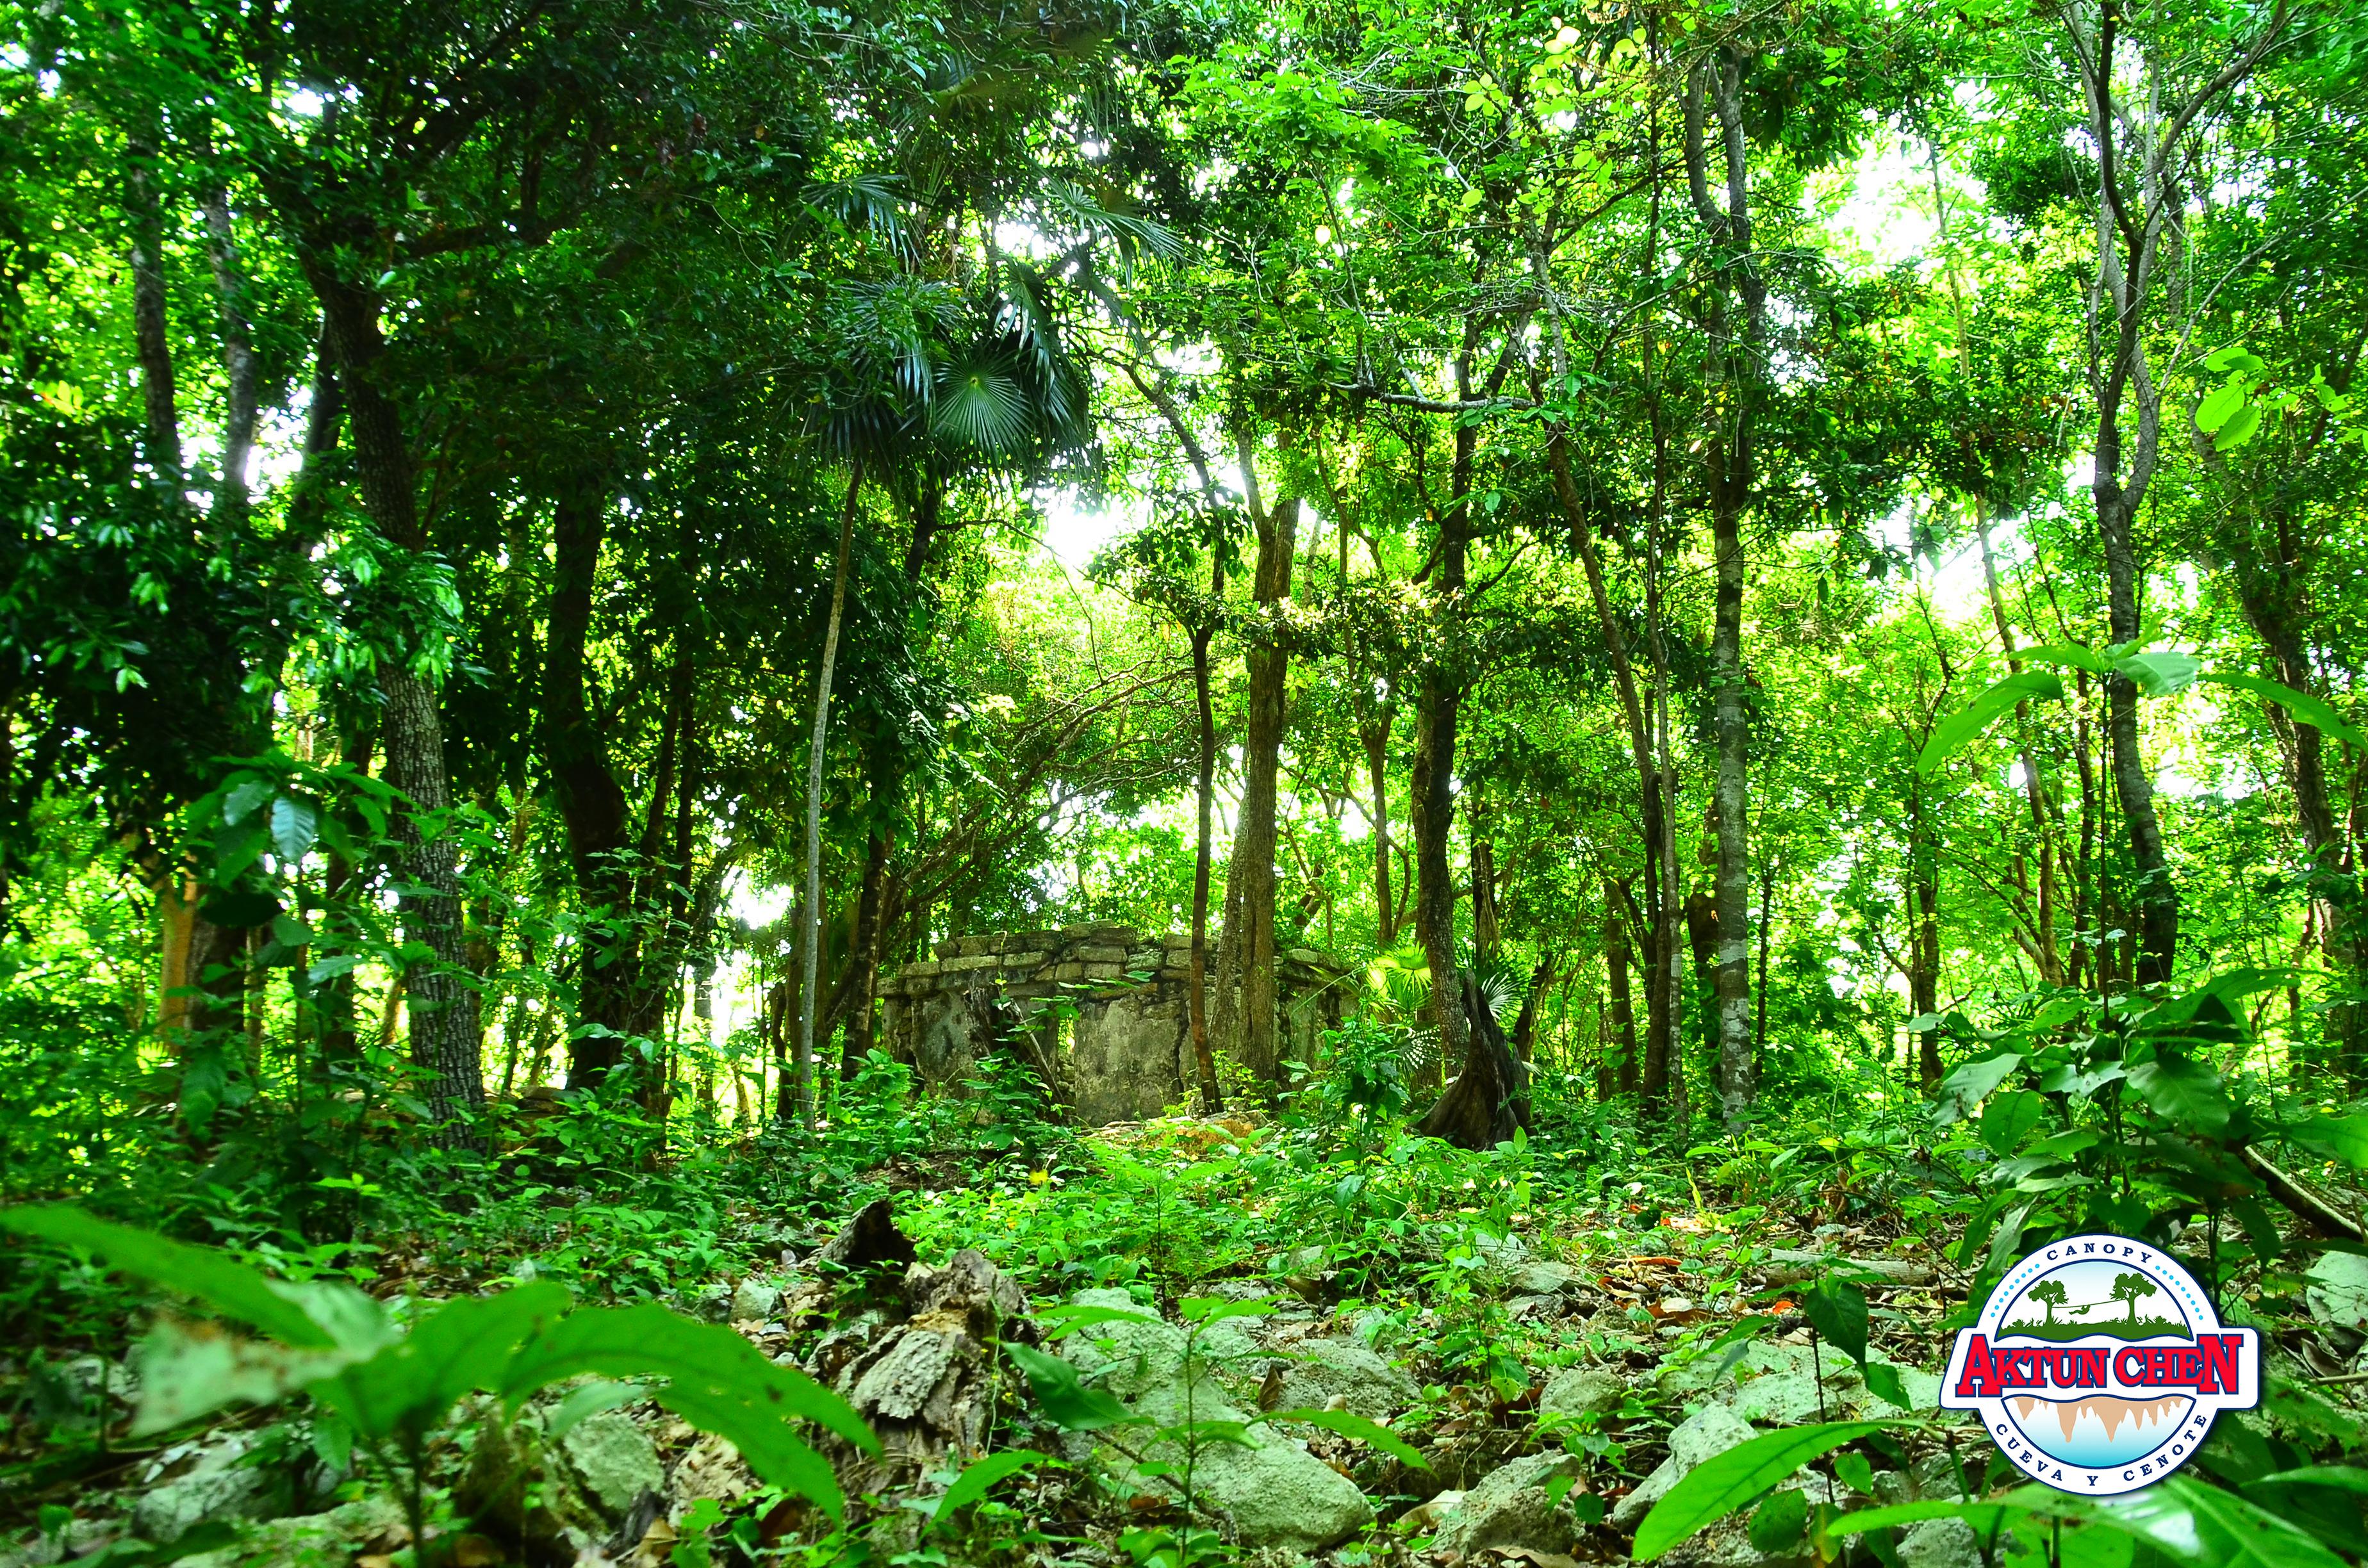 nature park, nature park mexico, nature park driving range